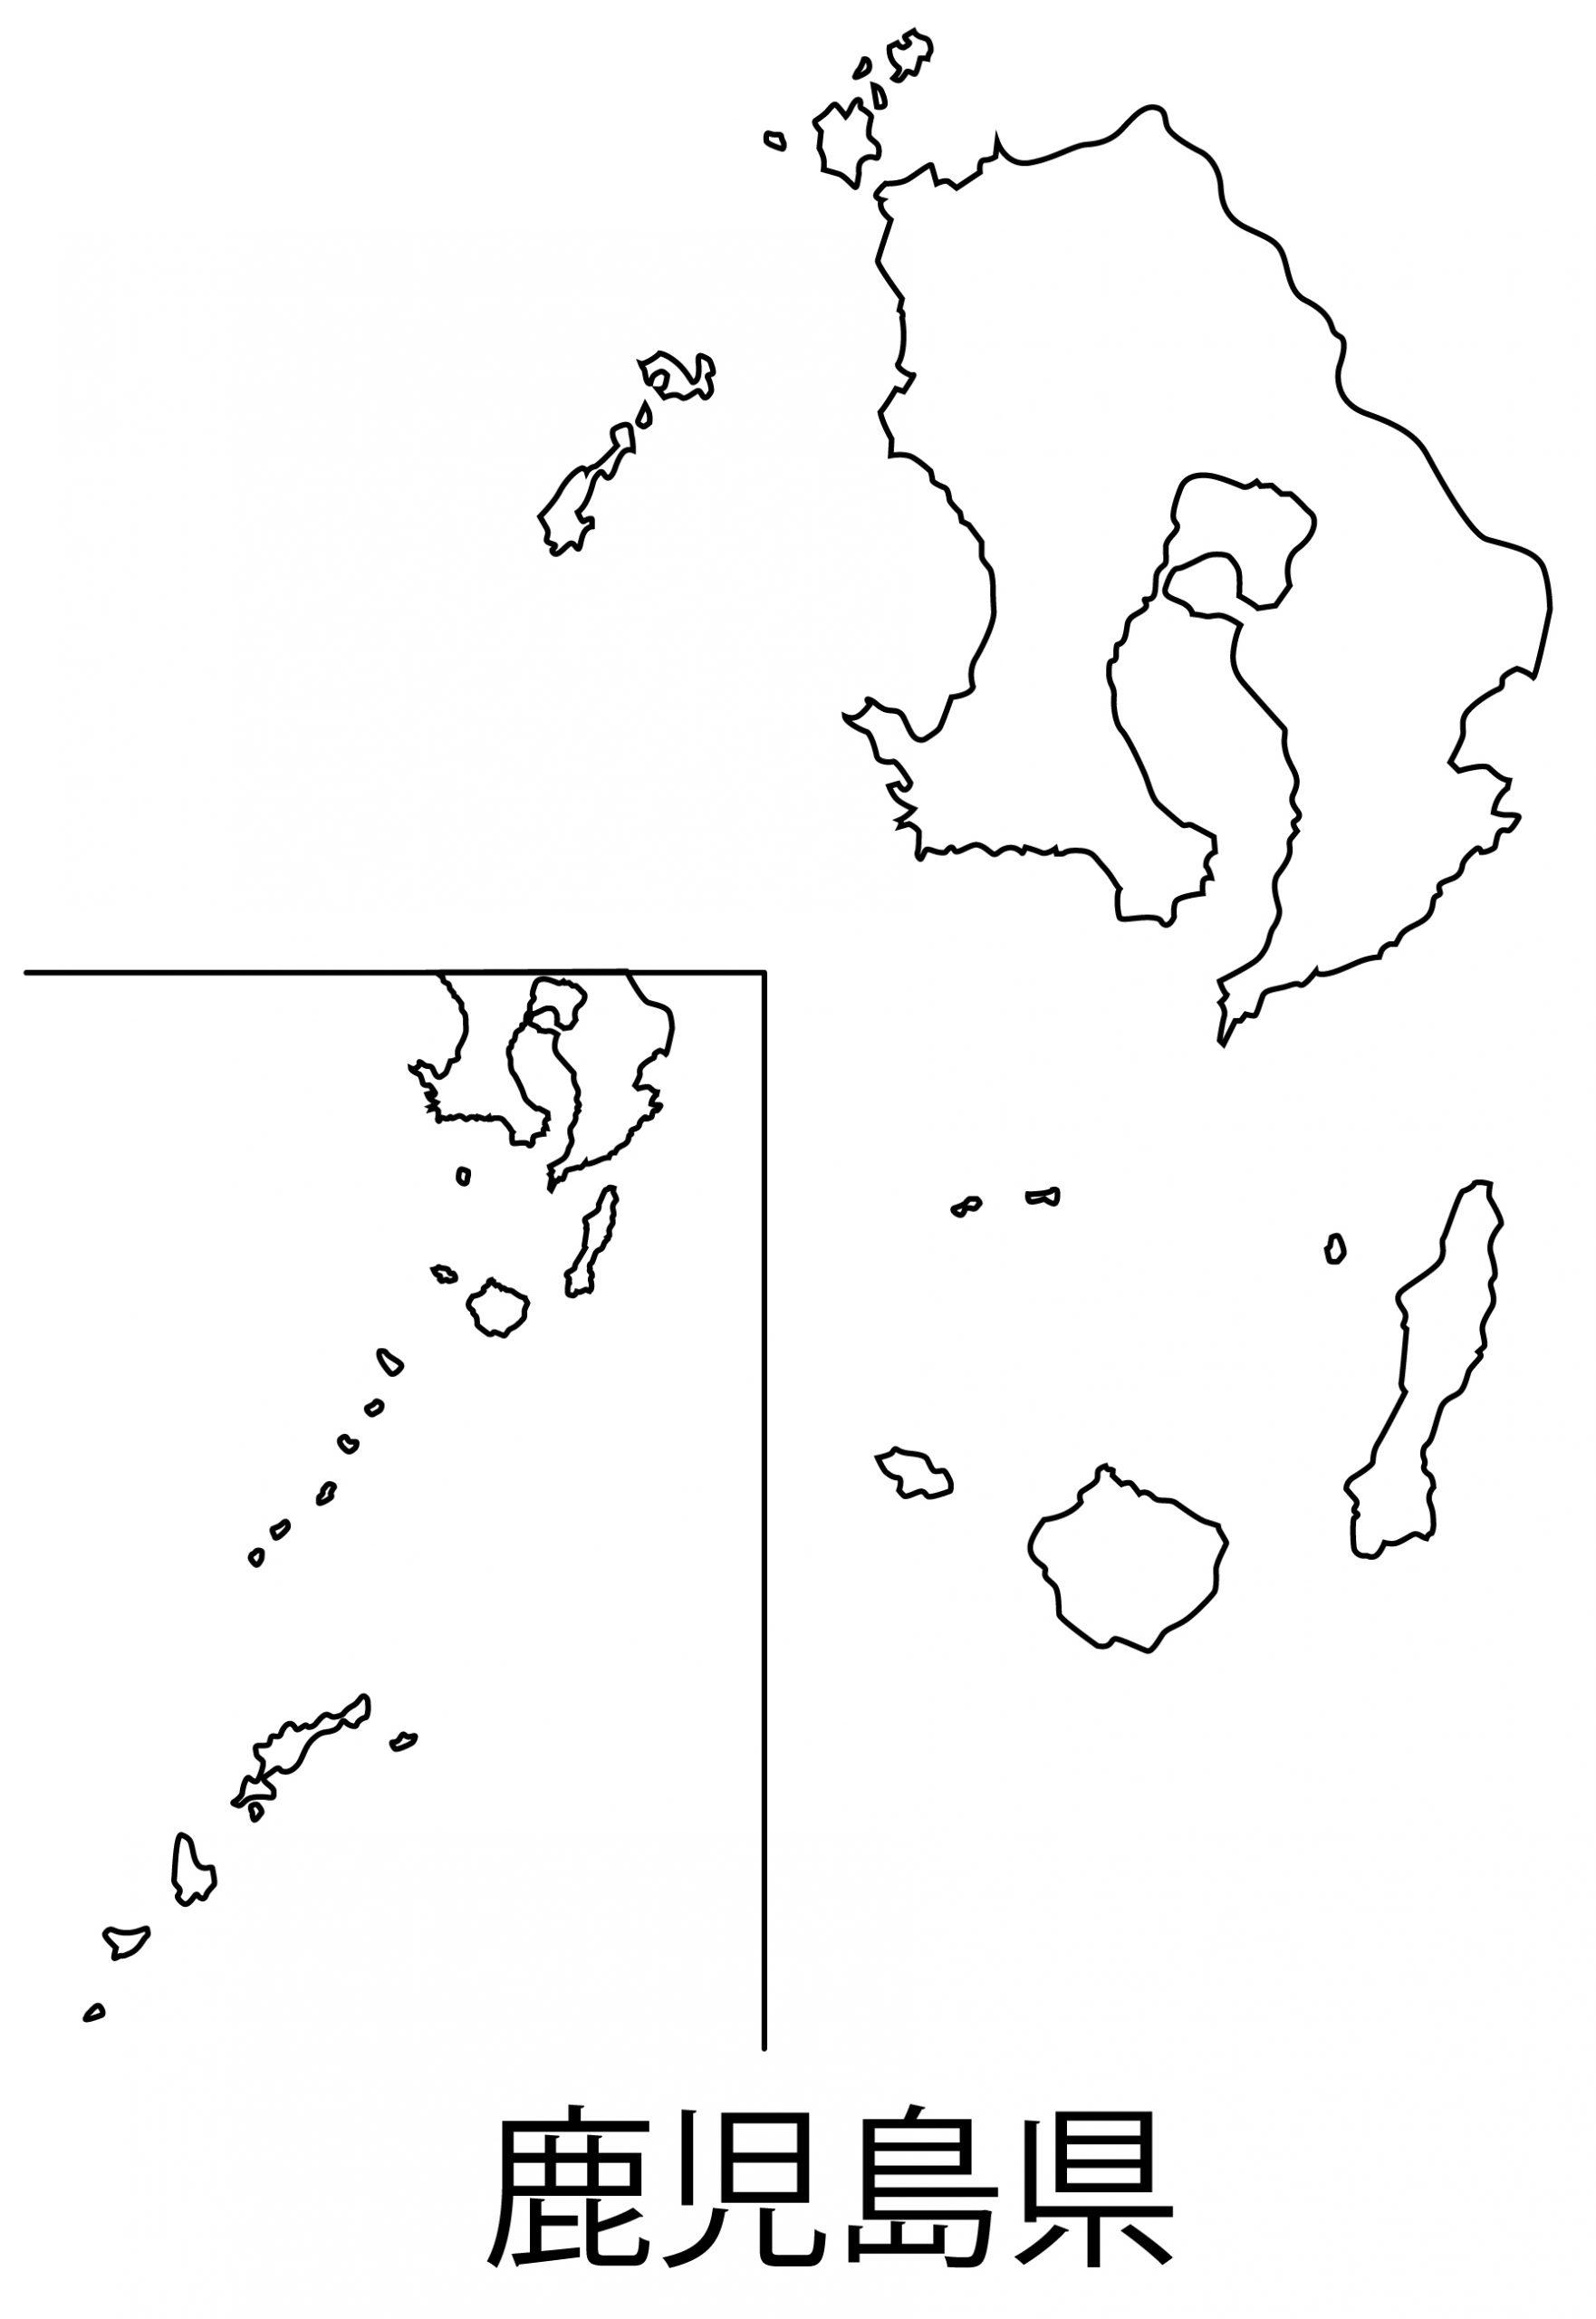 鹿児島県無料フリーイラスト|日本語・都道府県名あり(白)